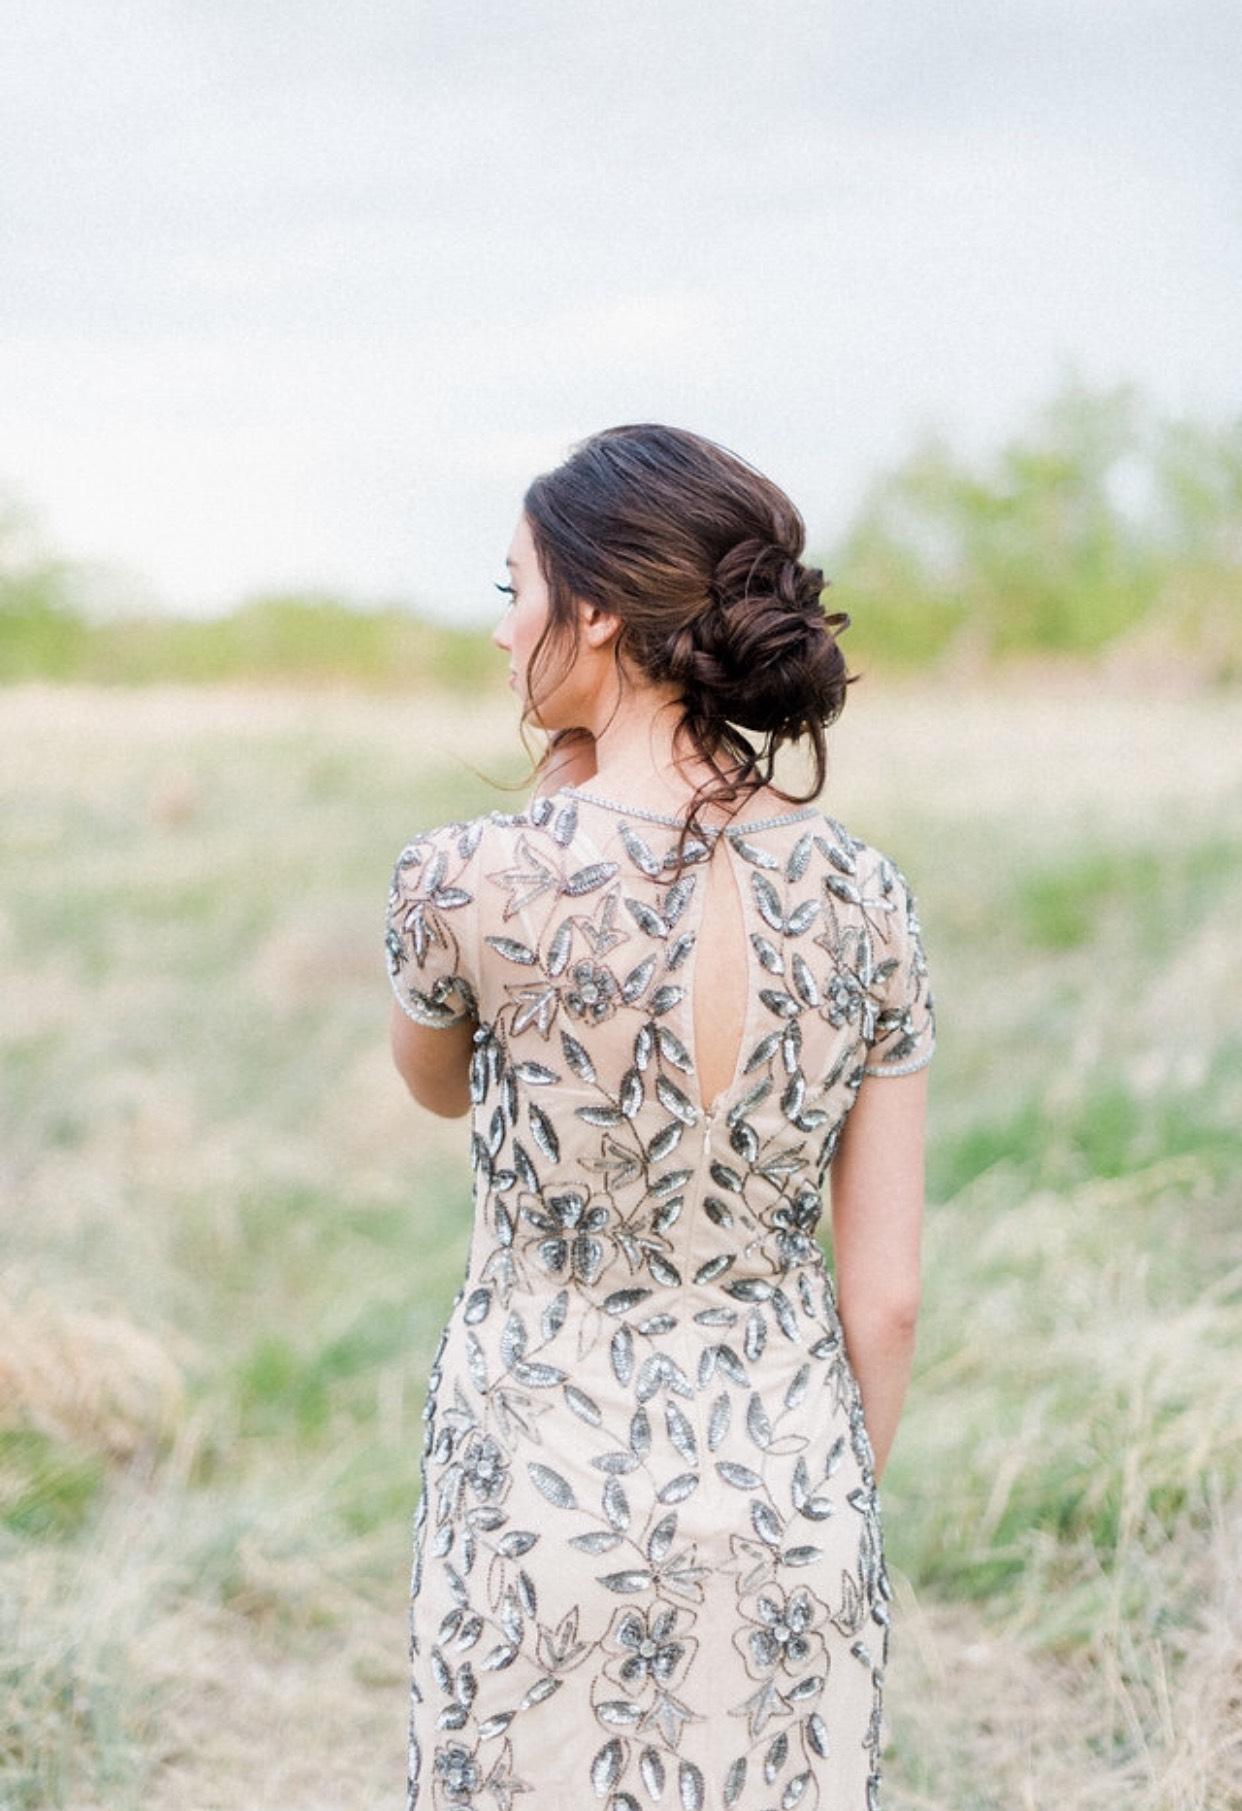 Denver-traveling-updo-artist-wedding-hairstylist